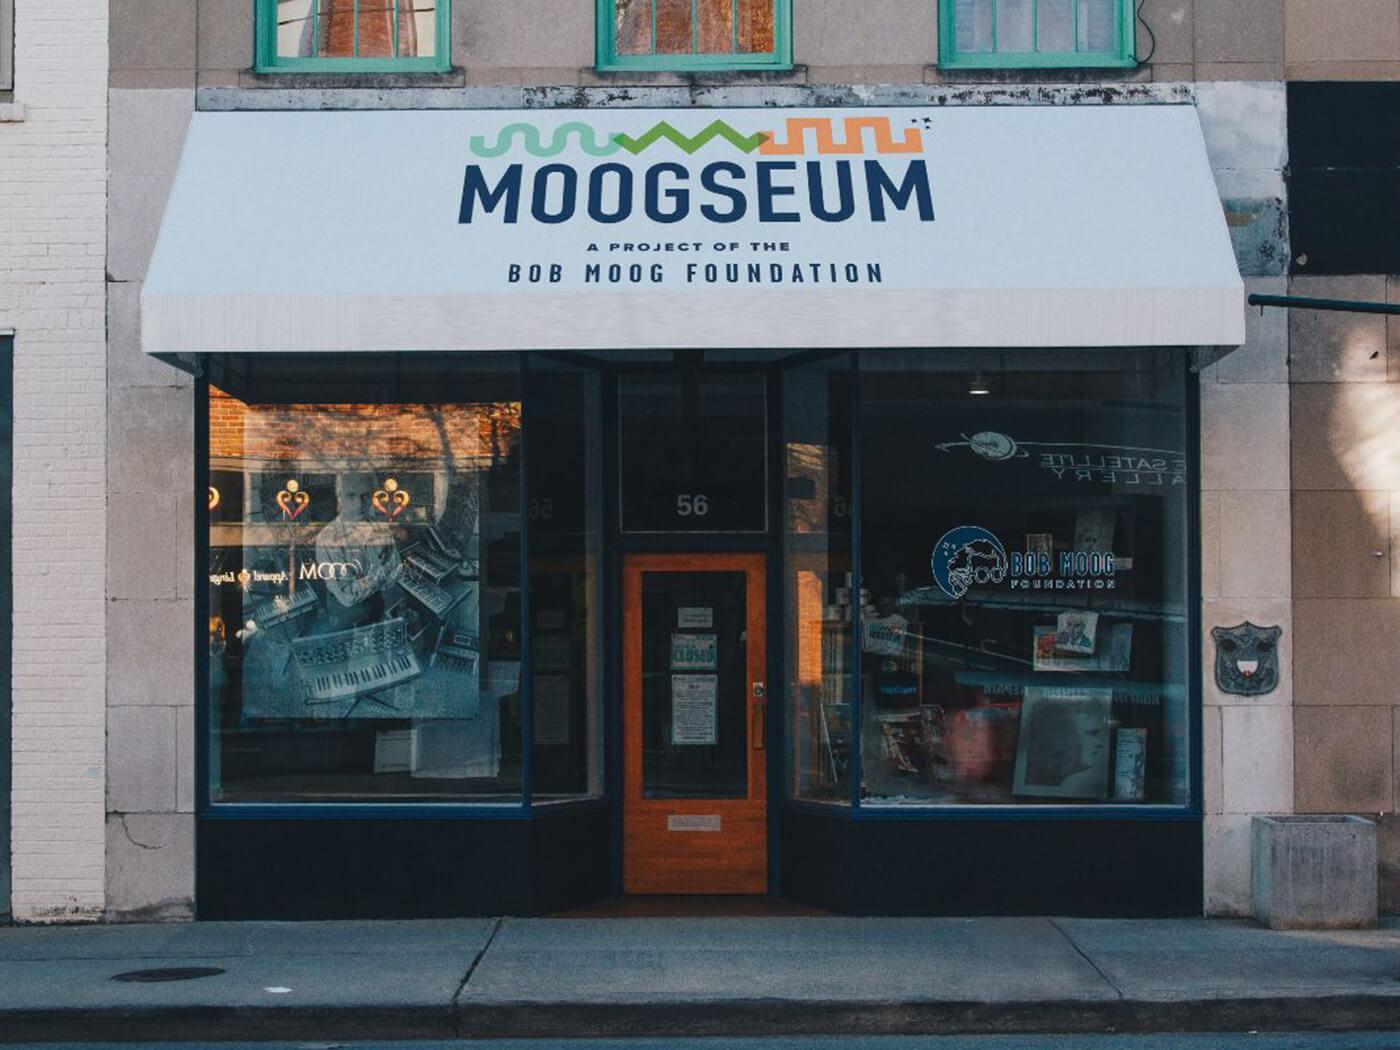 The Bob Moog Foundation's Moogseum